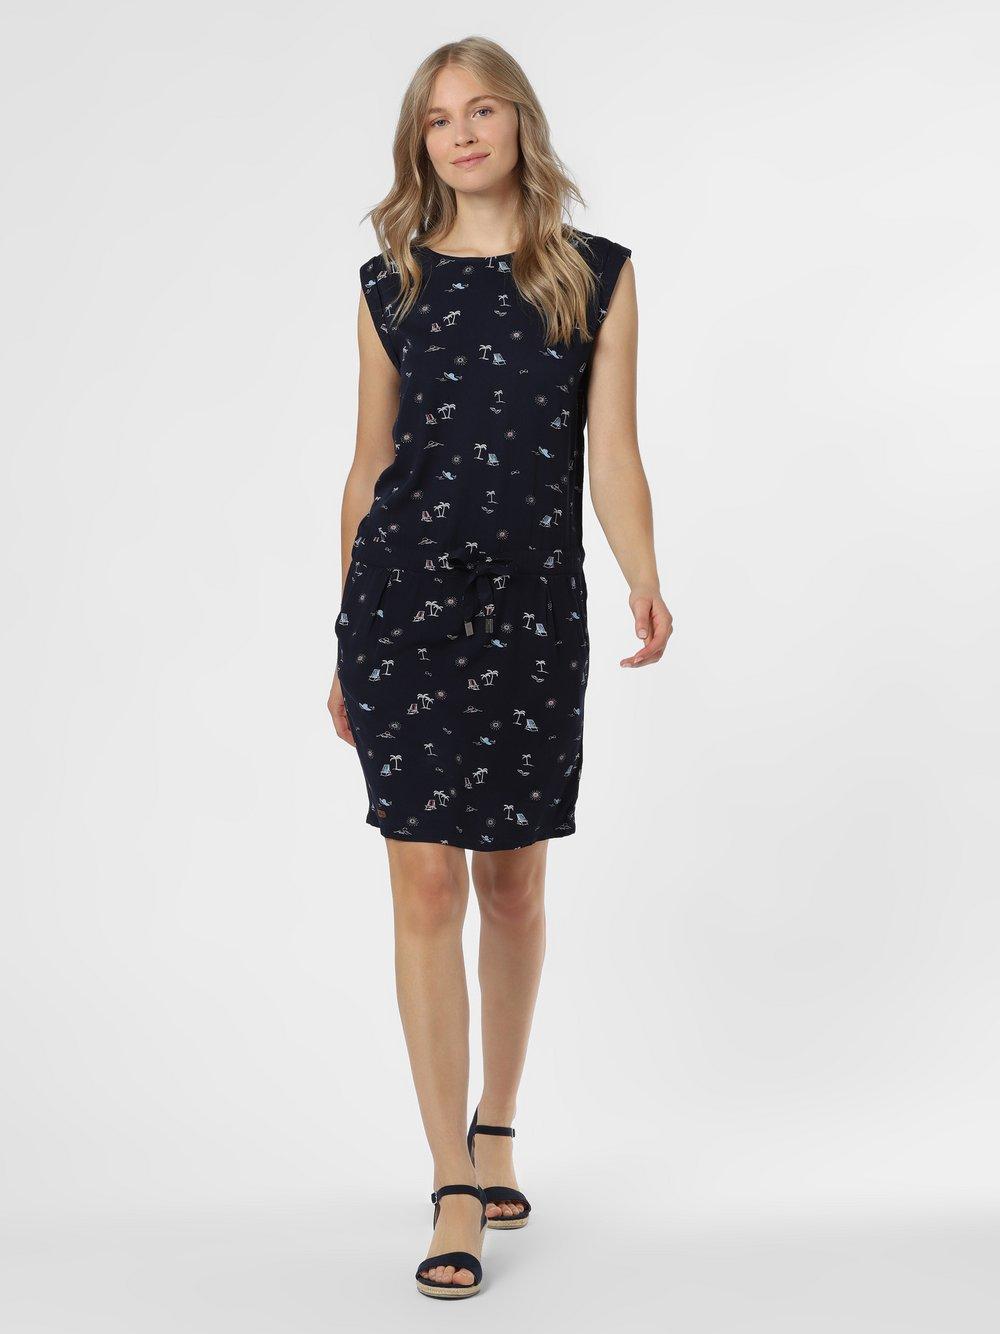 Ragwear – Sukienka damska – Mascarpone, niebieski Van Graaf 475051-0001-09940